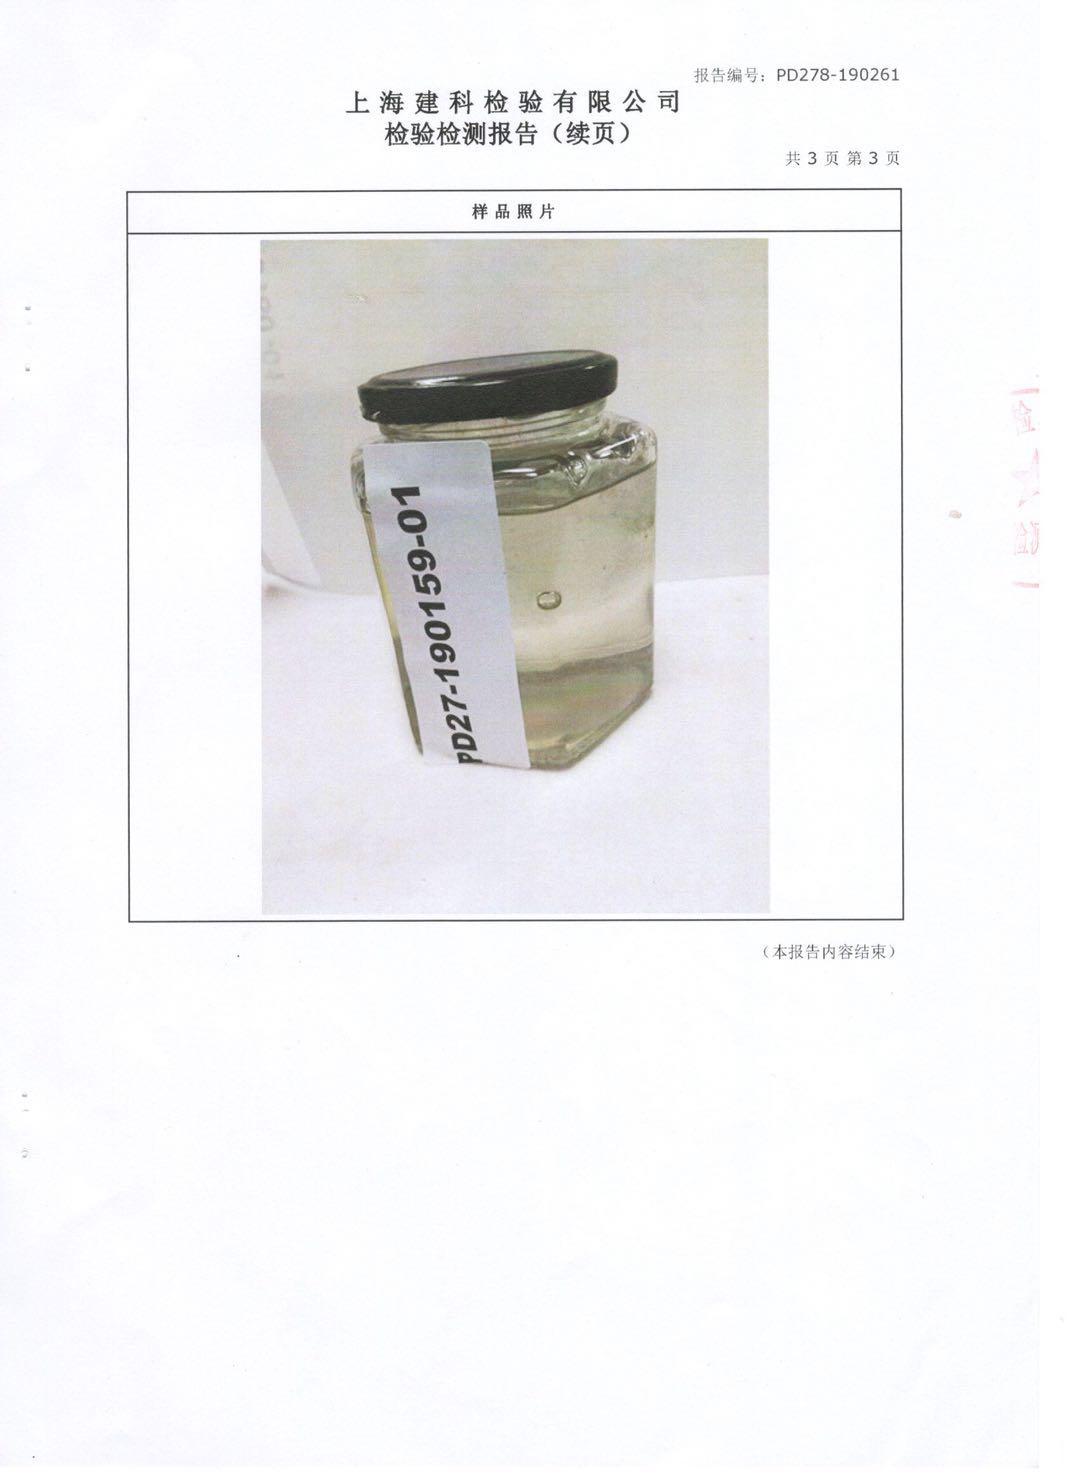 上海建科检验有限公司-检验检测报告样品照片